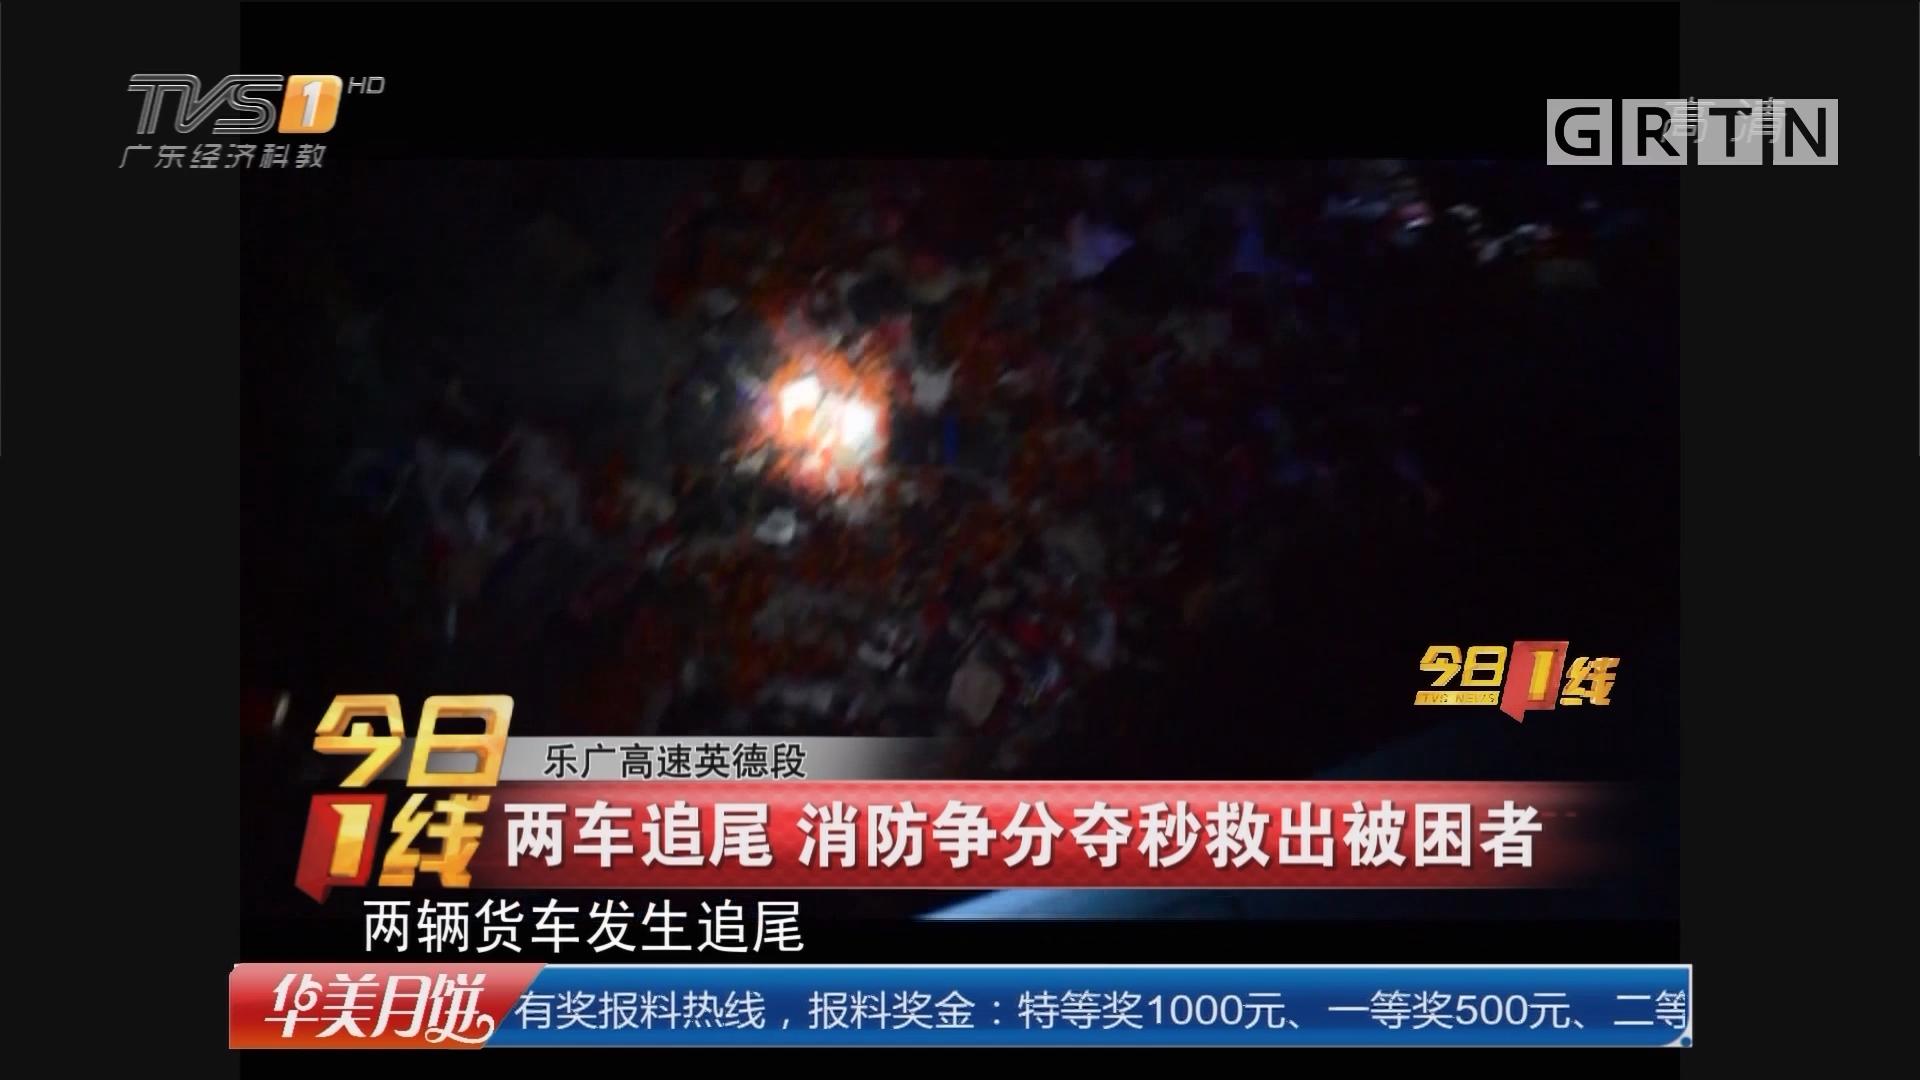 乐广高速英德段:两车追尾 消防争分夺秒救出被困者